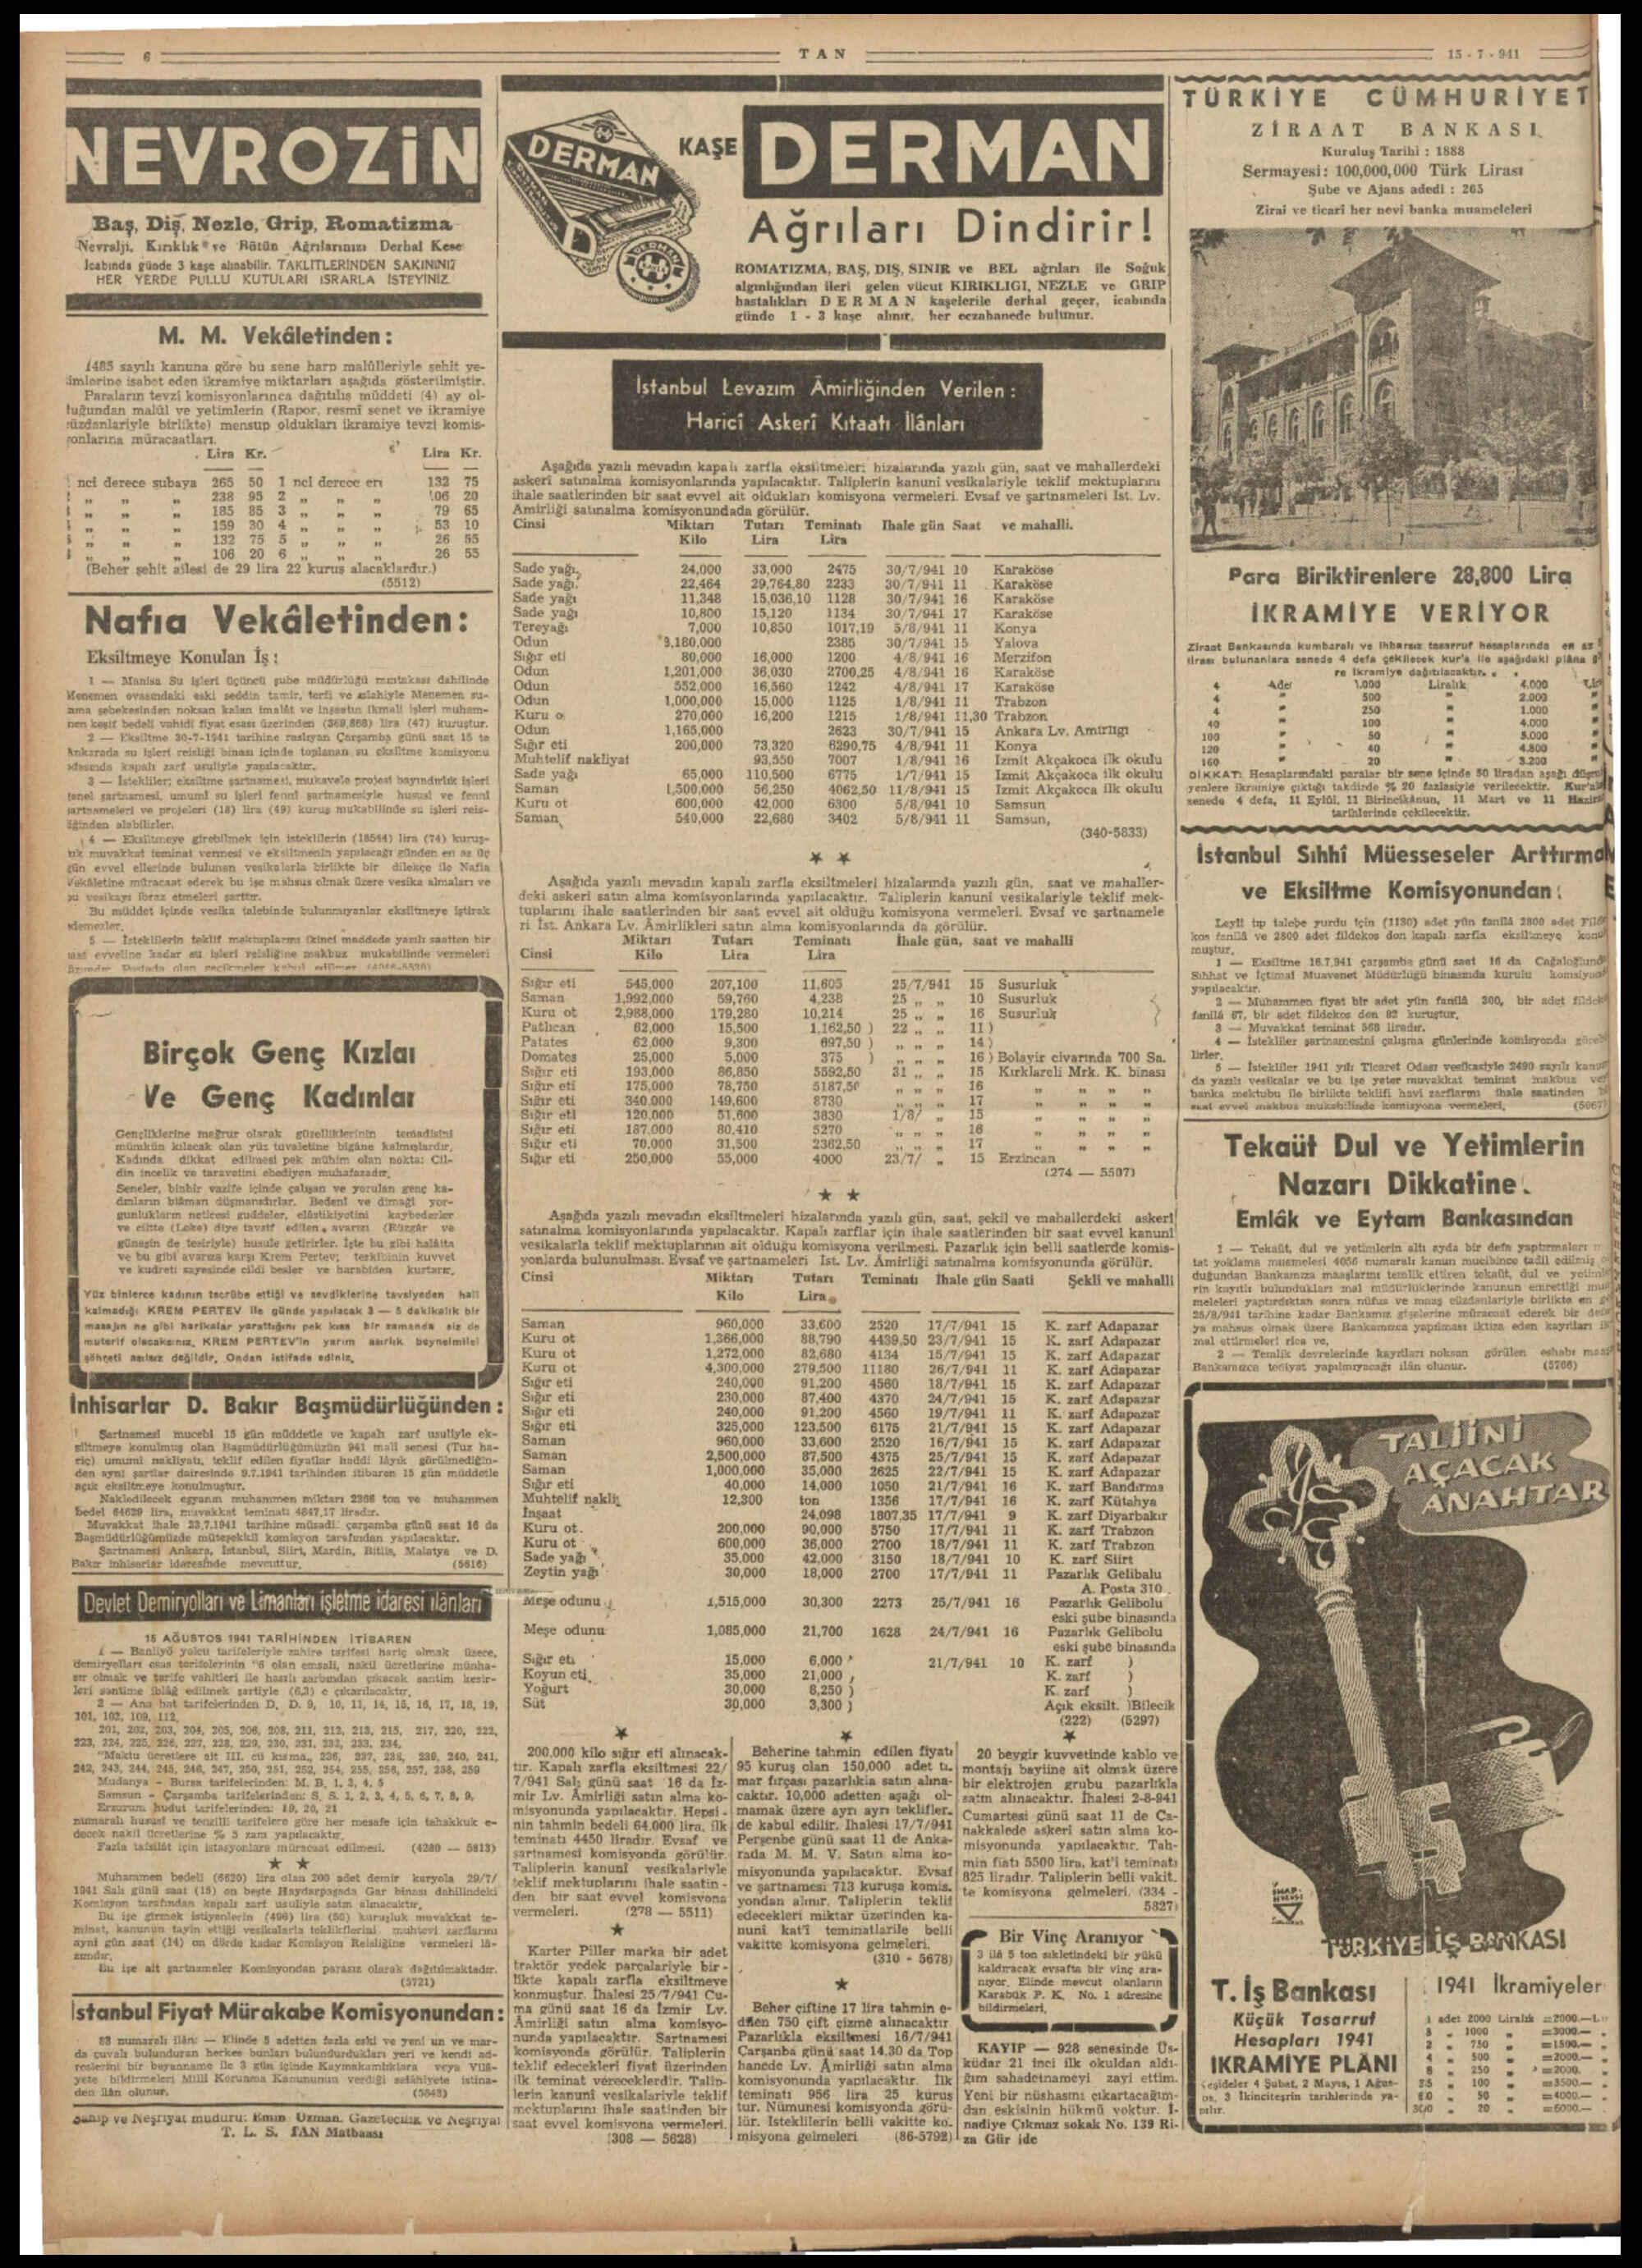 15 Temmuz 1941 Tarihli Tan Gazetesi Sayfa 6